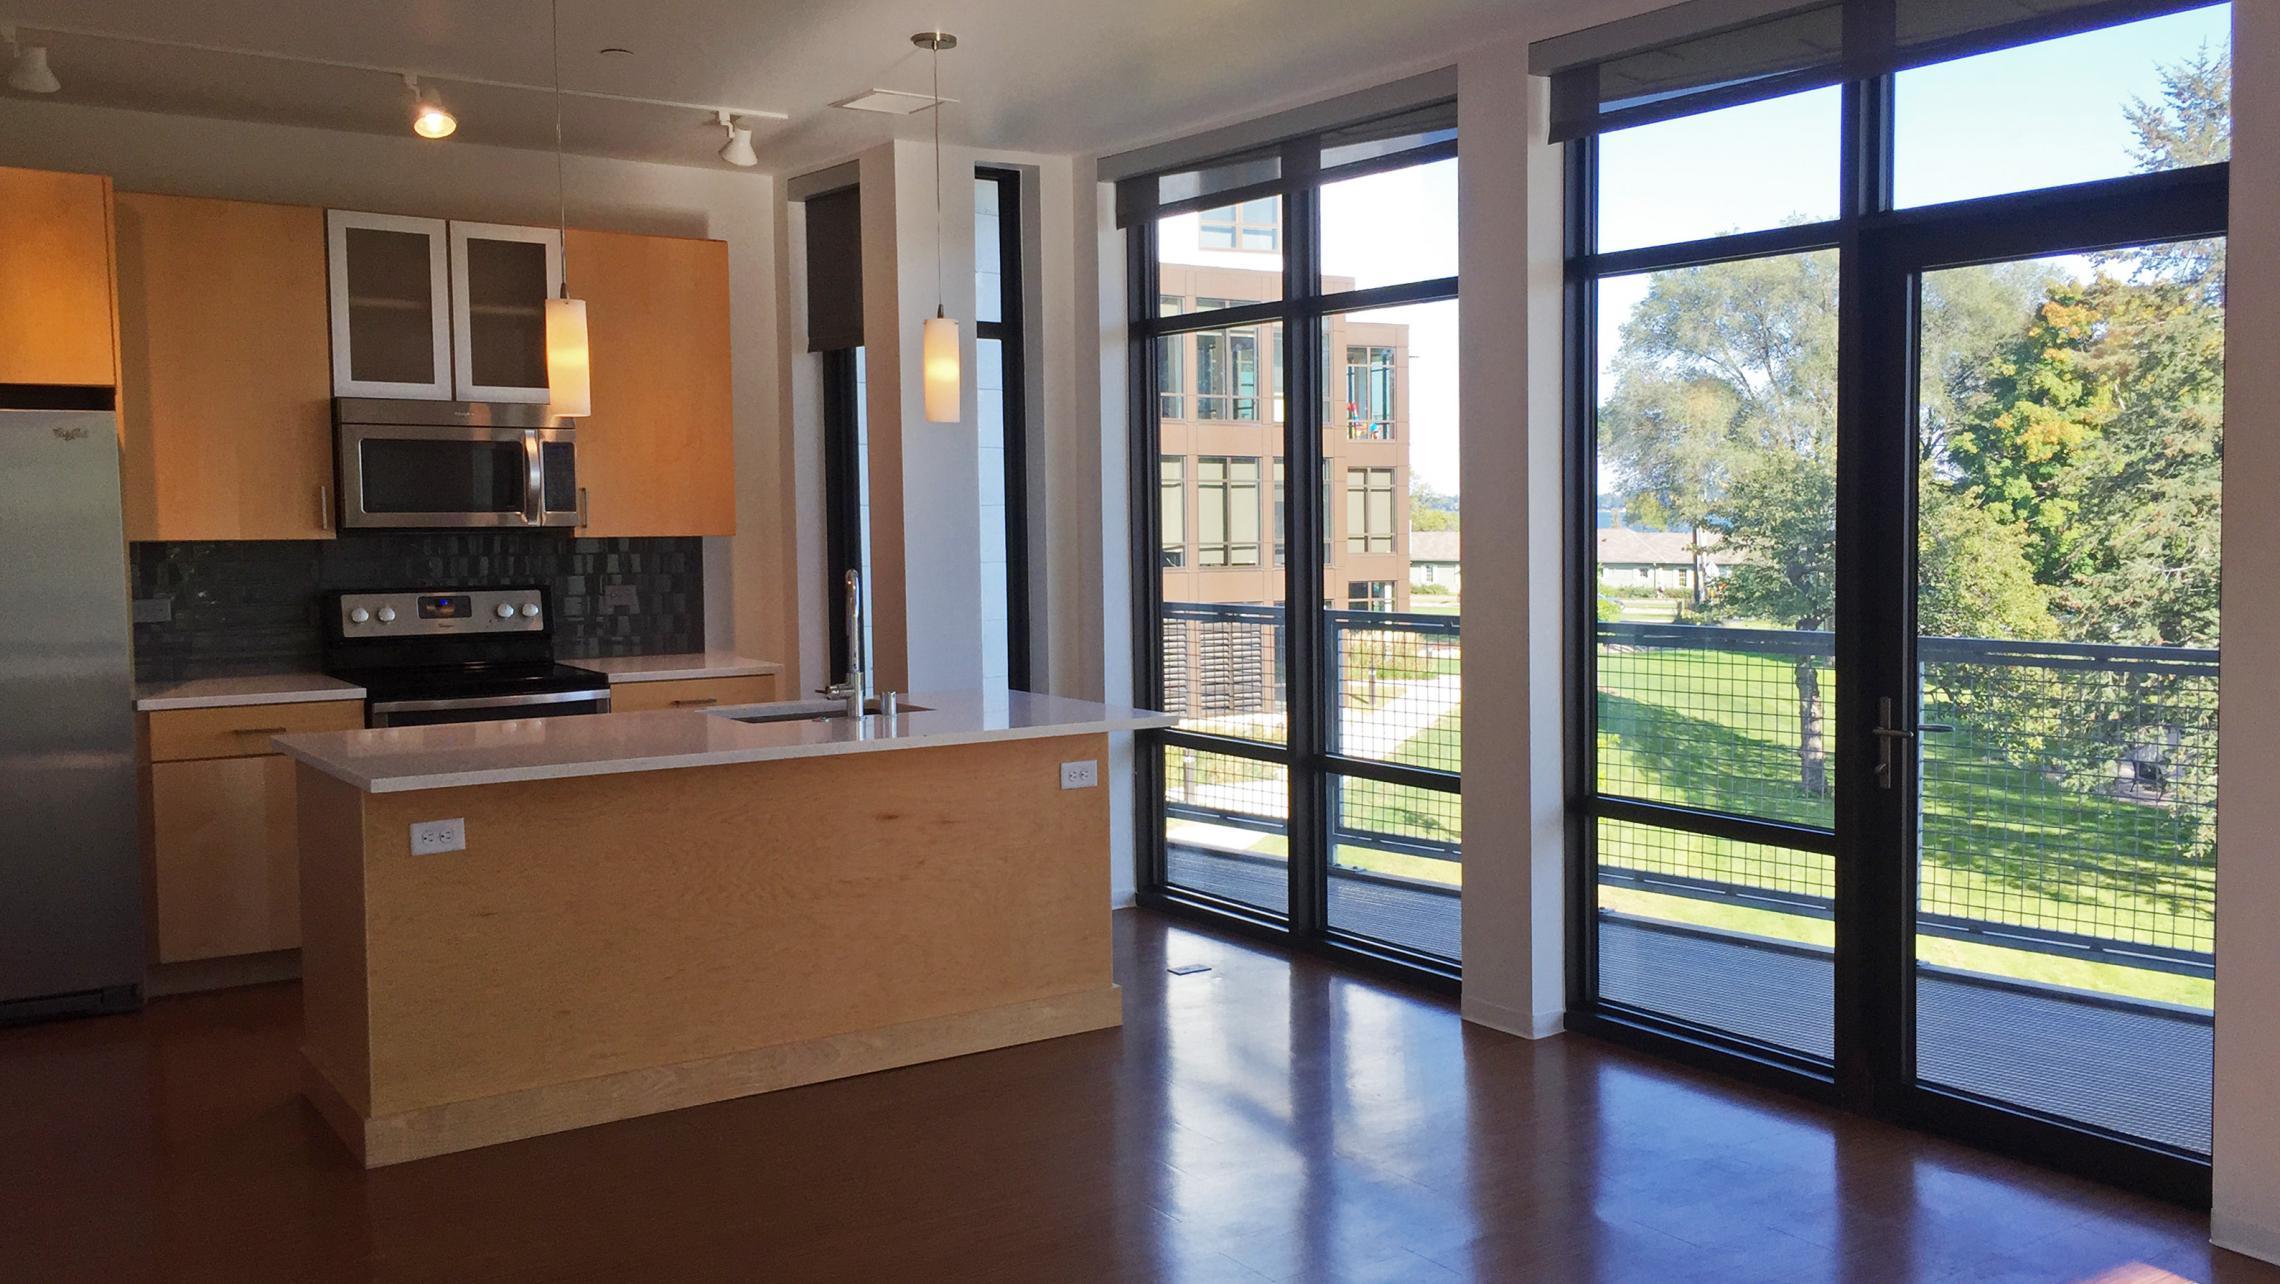 ULI Seven27 Apartment 202 - Kitchen View